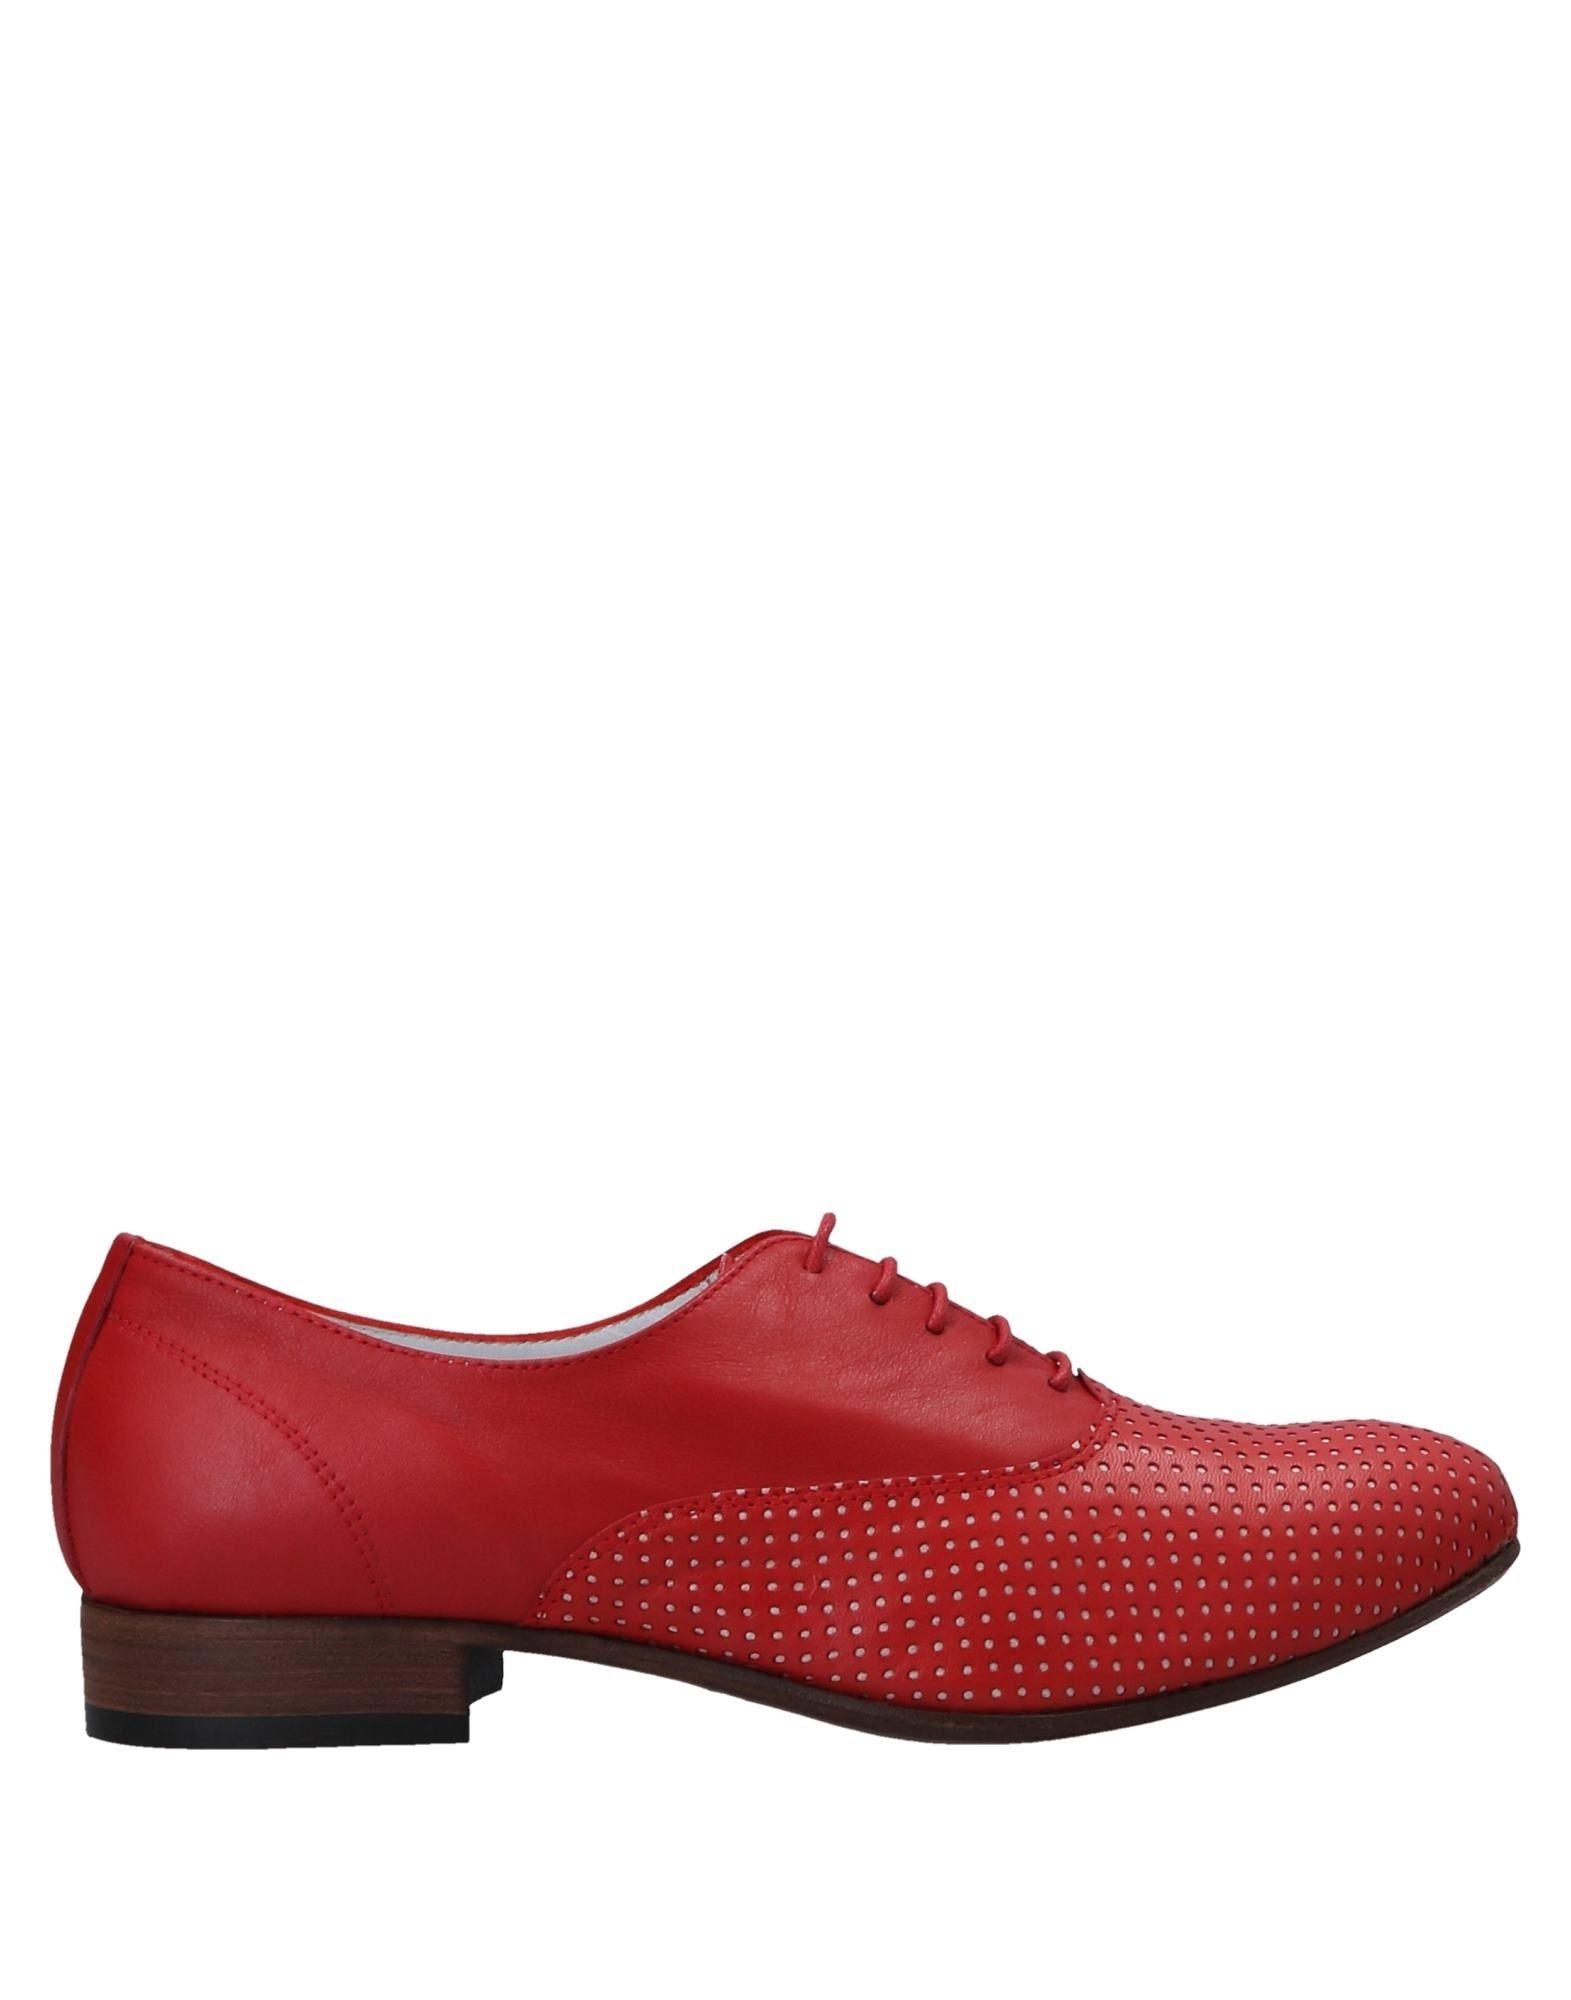 Фото - ANGEL Обувь на шнурках обувь на высокой платформе dkny